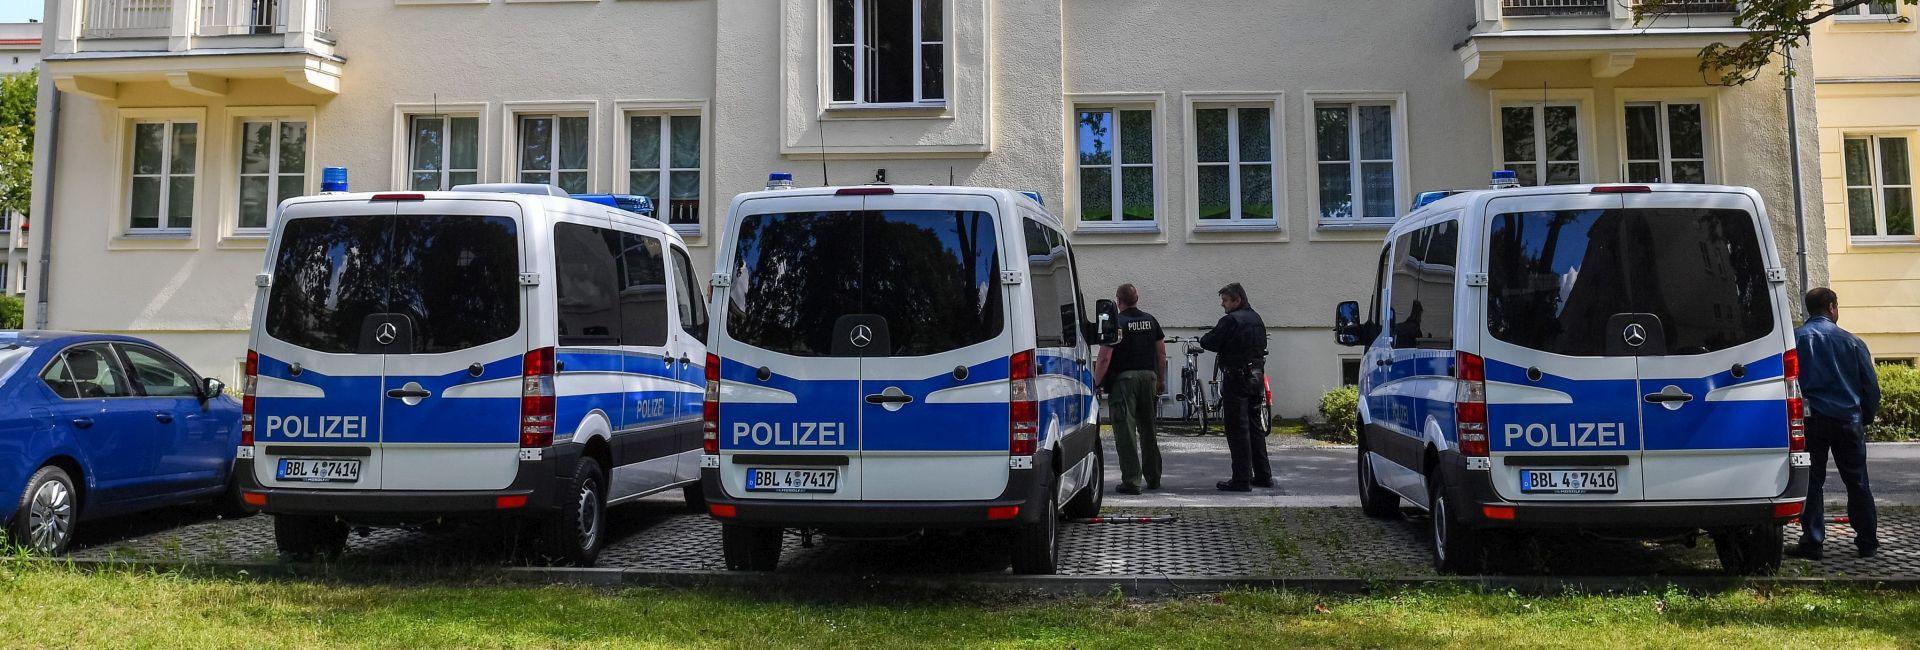 Njemačka policija istražuje bombaški napad